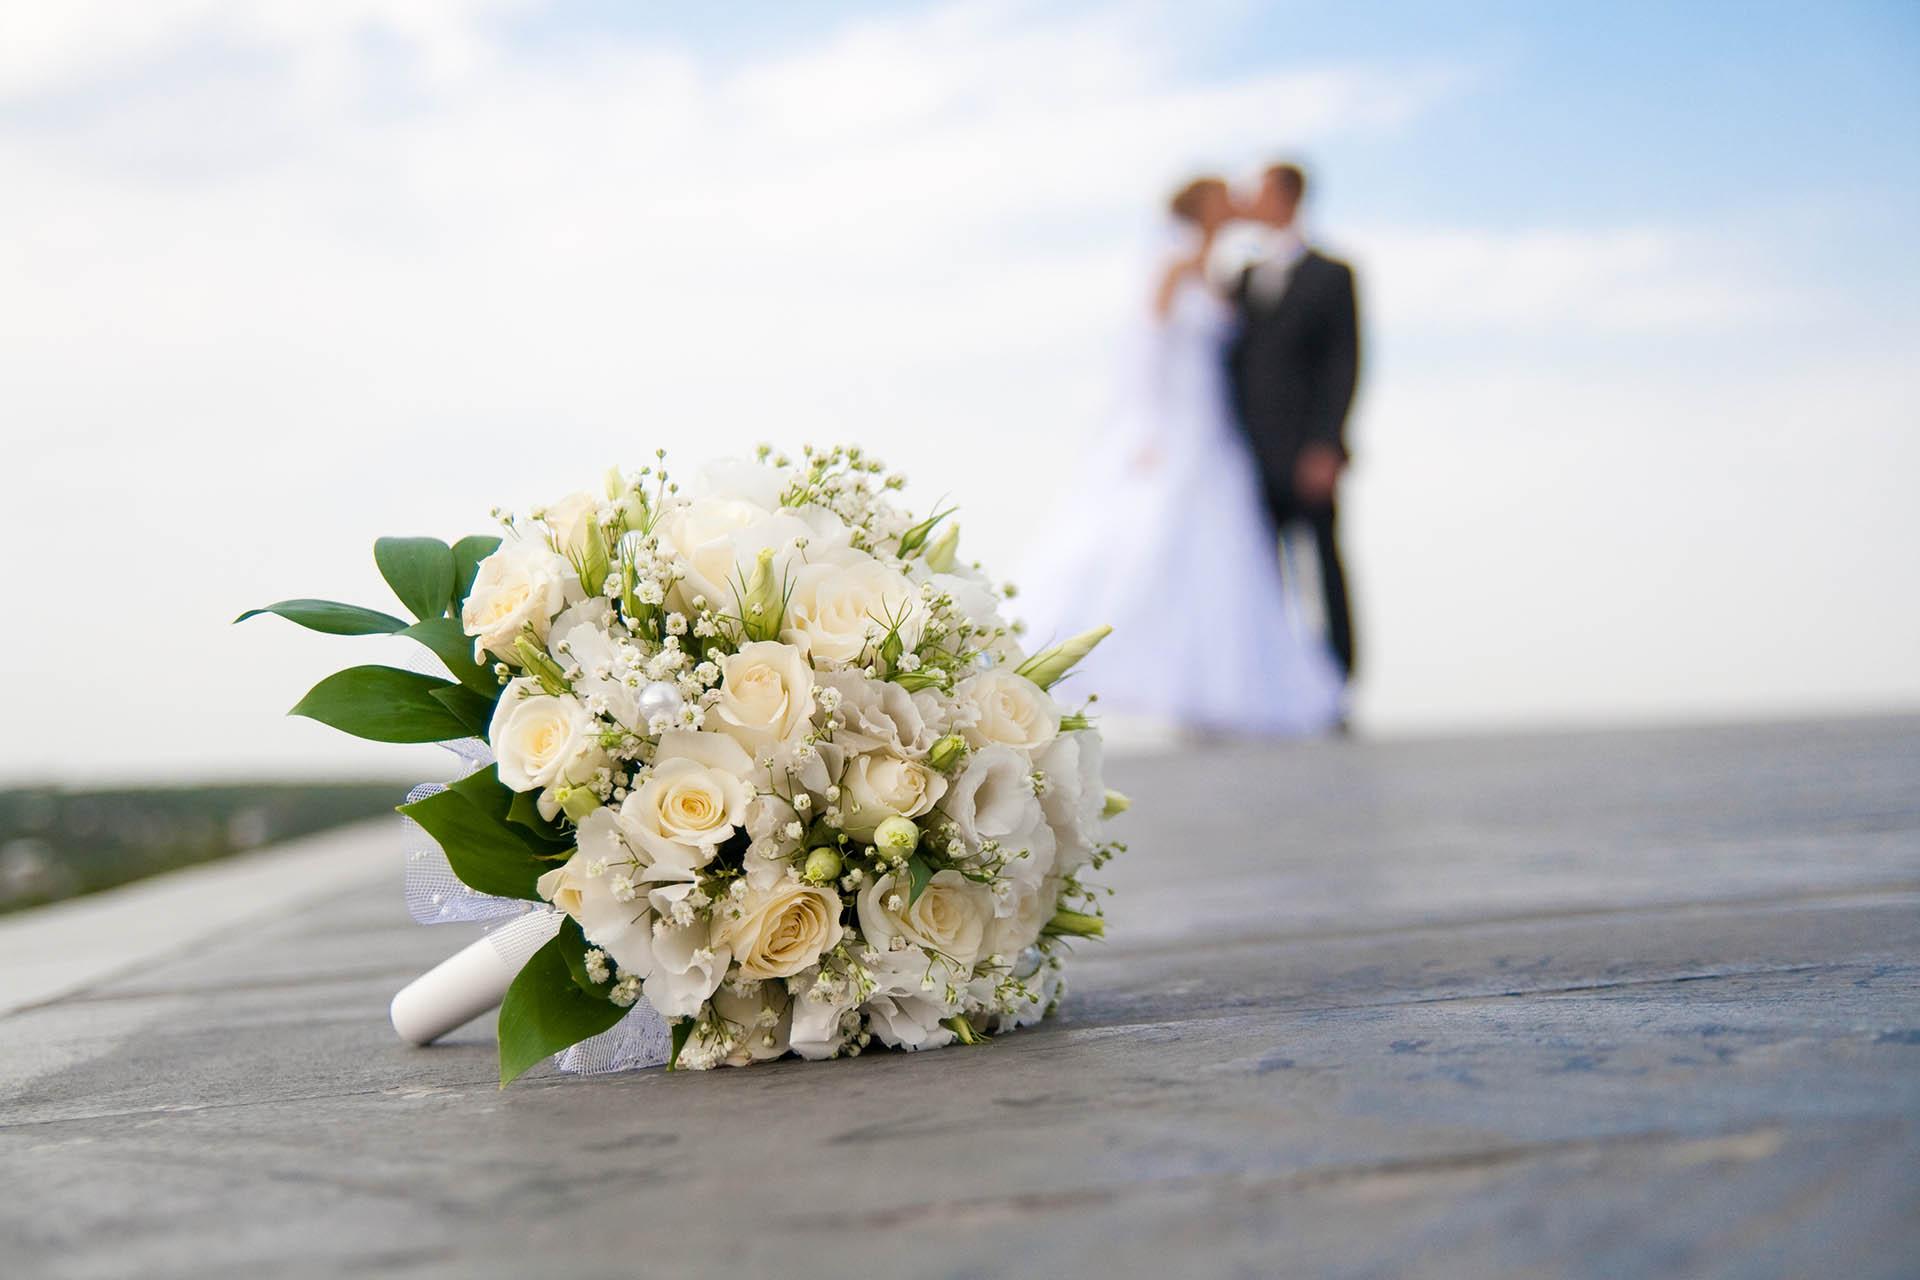 Вебинар: Профессия - Свадебный организатор